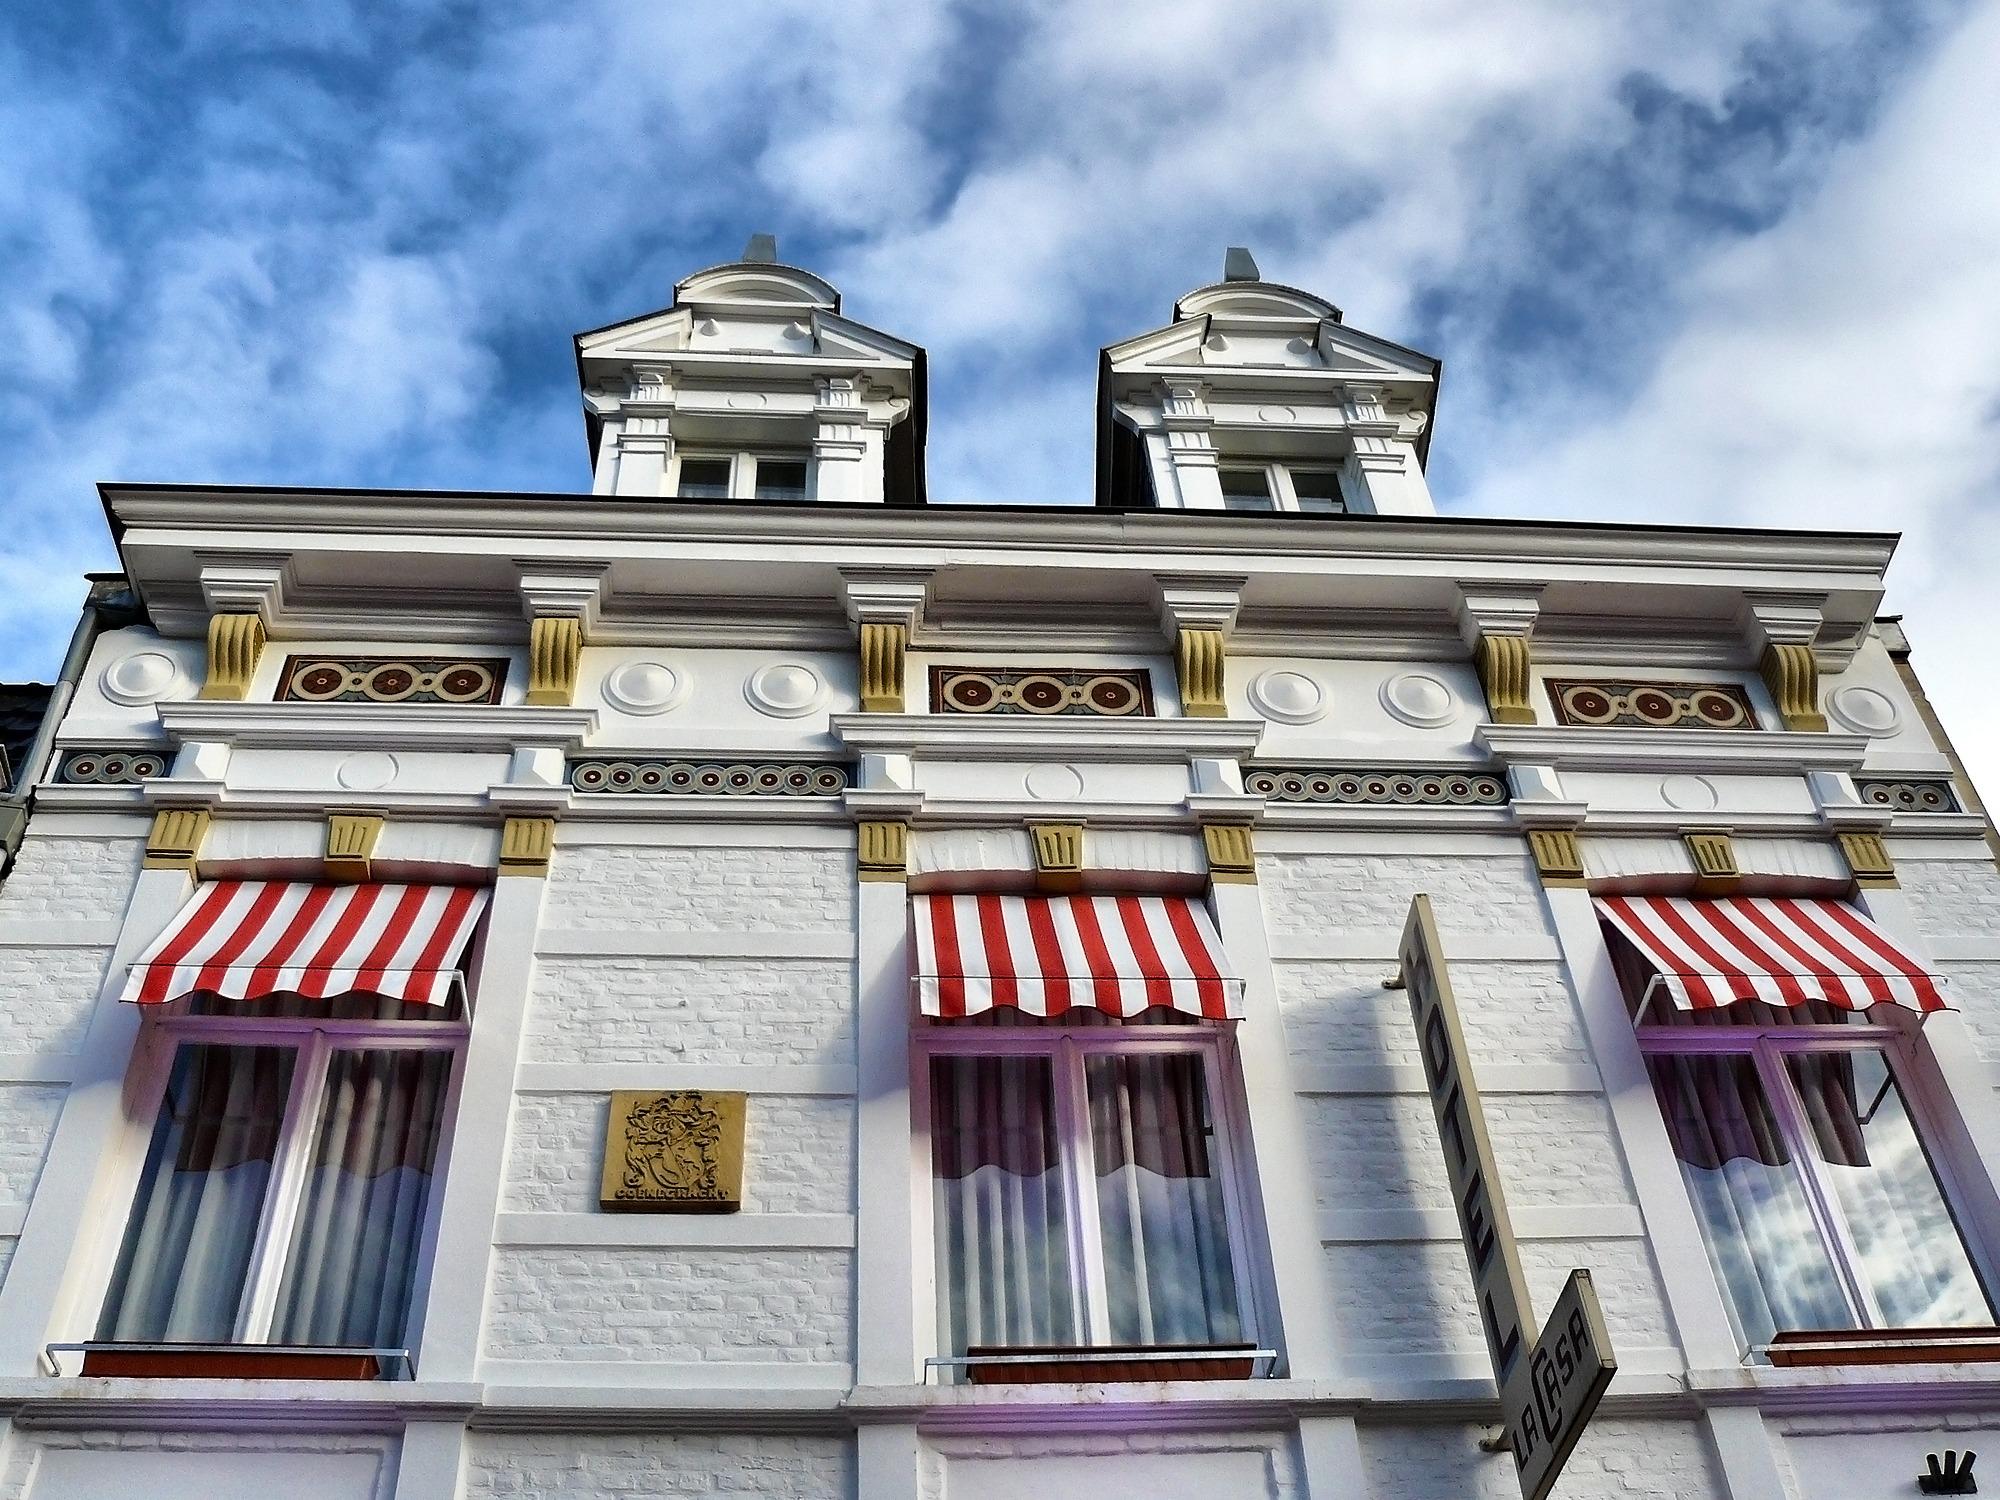 фасады зданий в москве фото случилось, всегда